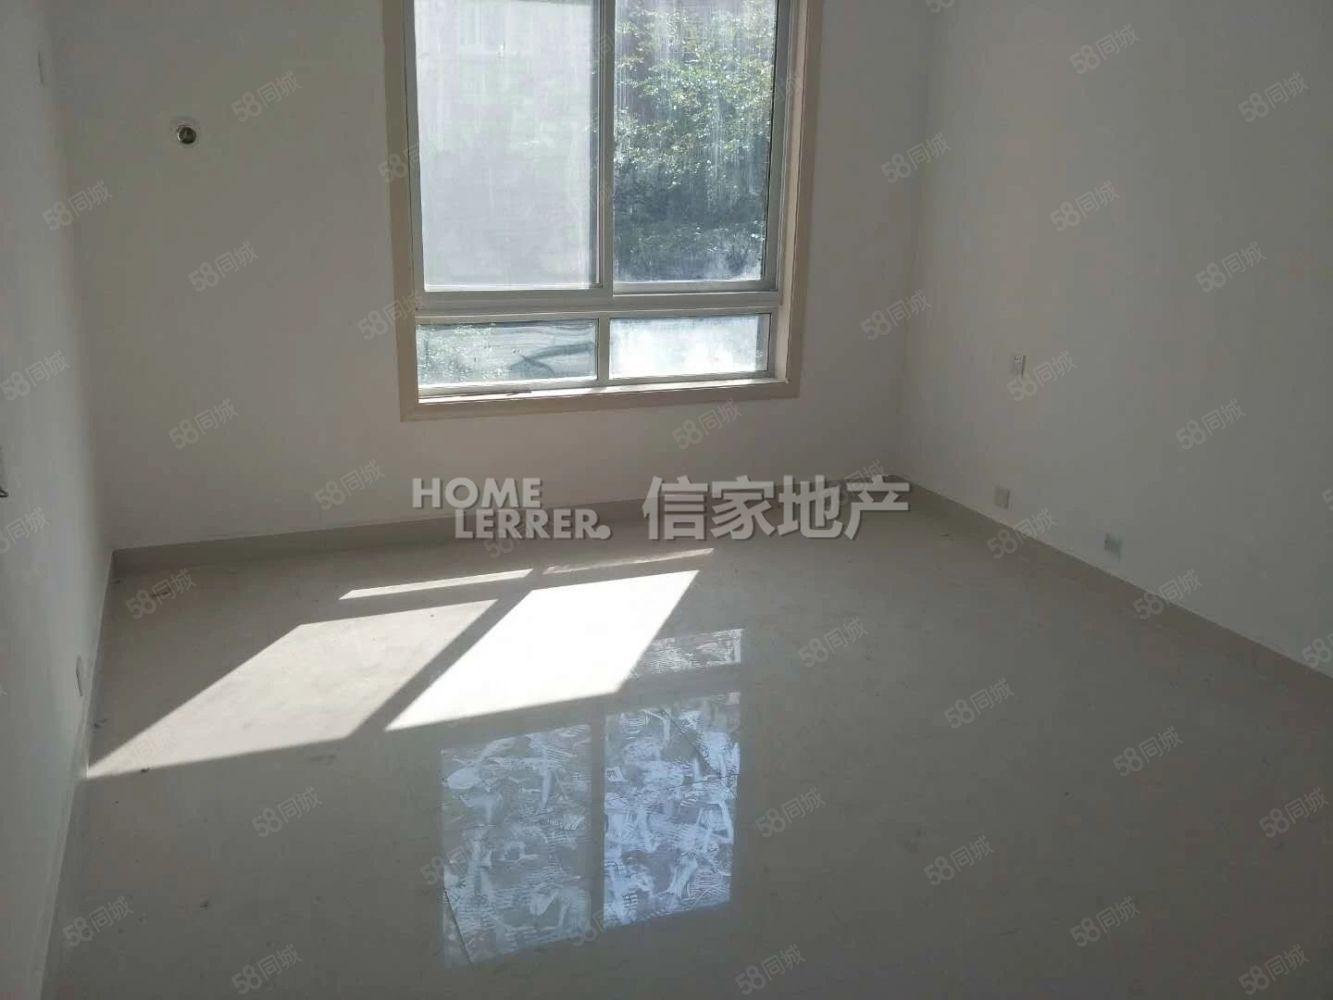 台北城上城简装三房南北通透户型方正楼层极佳